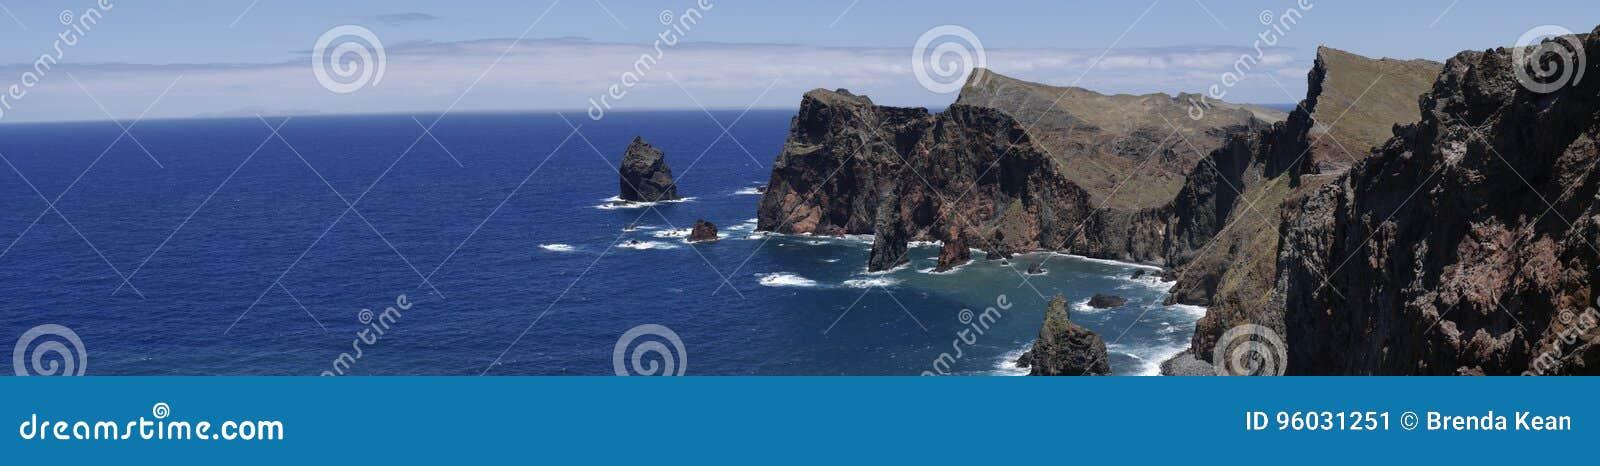 Sao Lourenco punkt dalszy punkt na wschodzie na wyspie madera